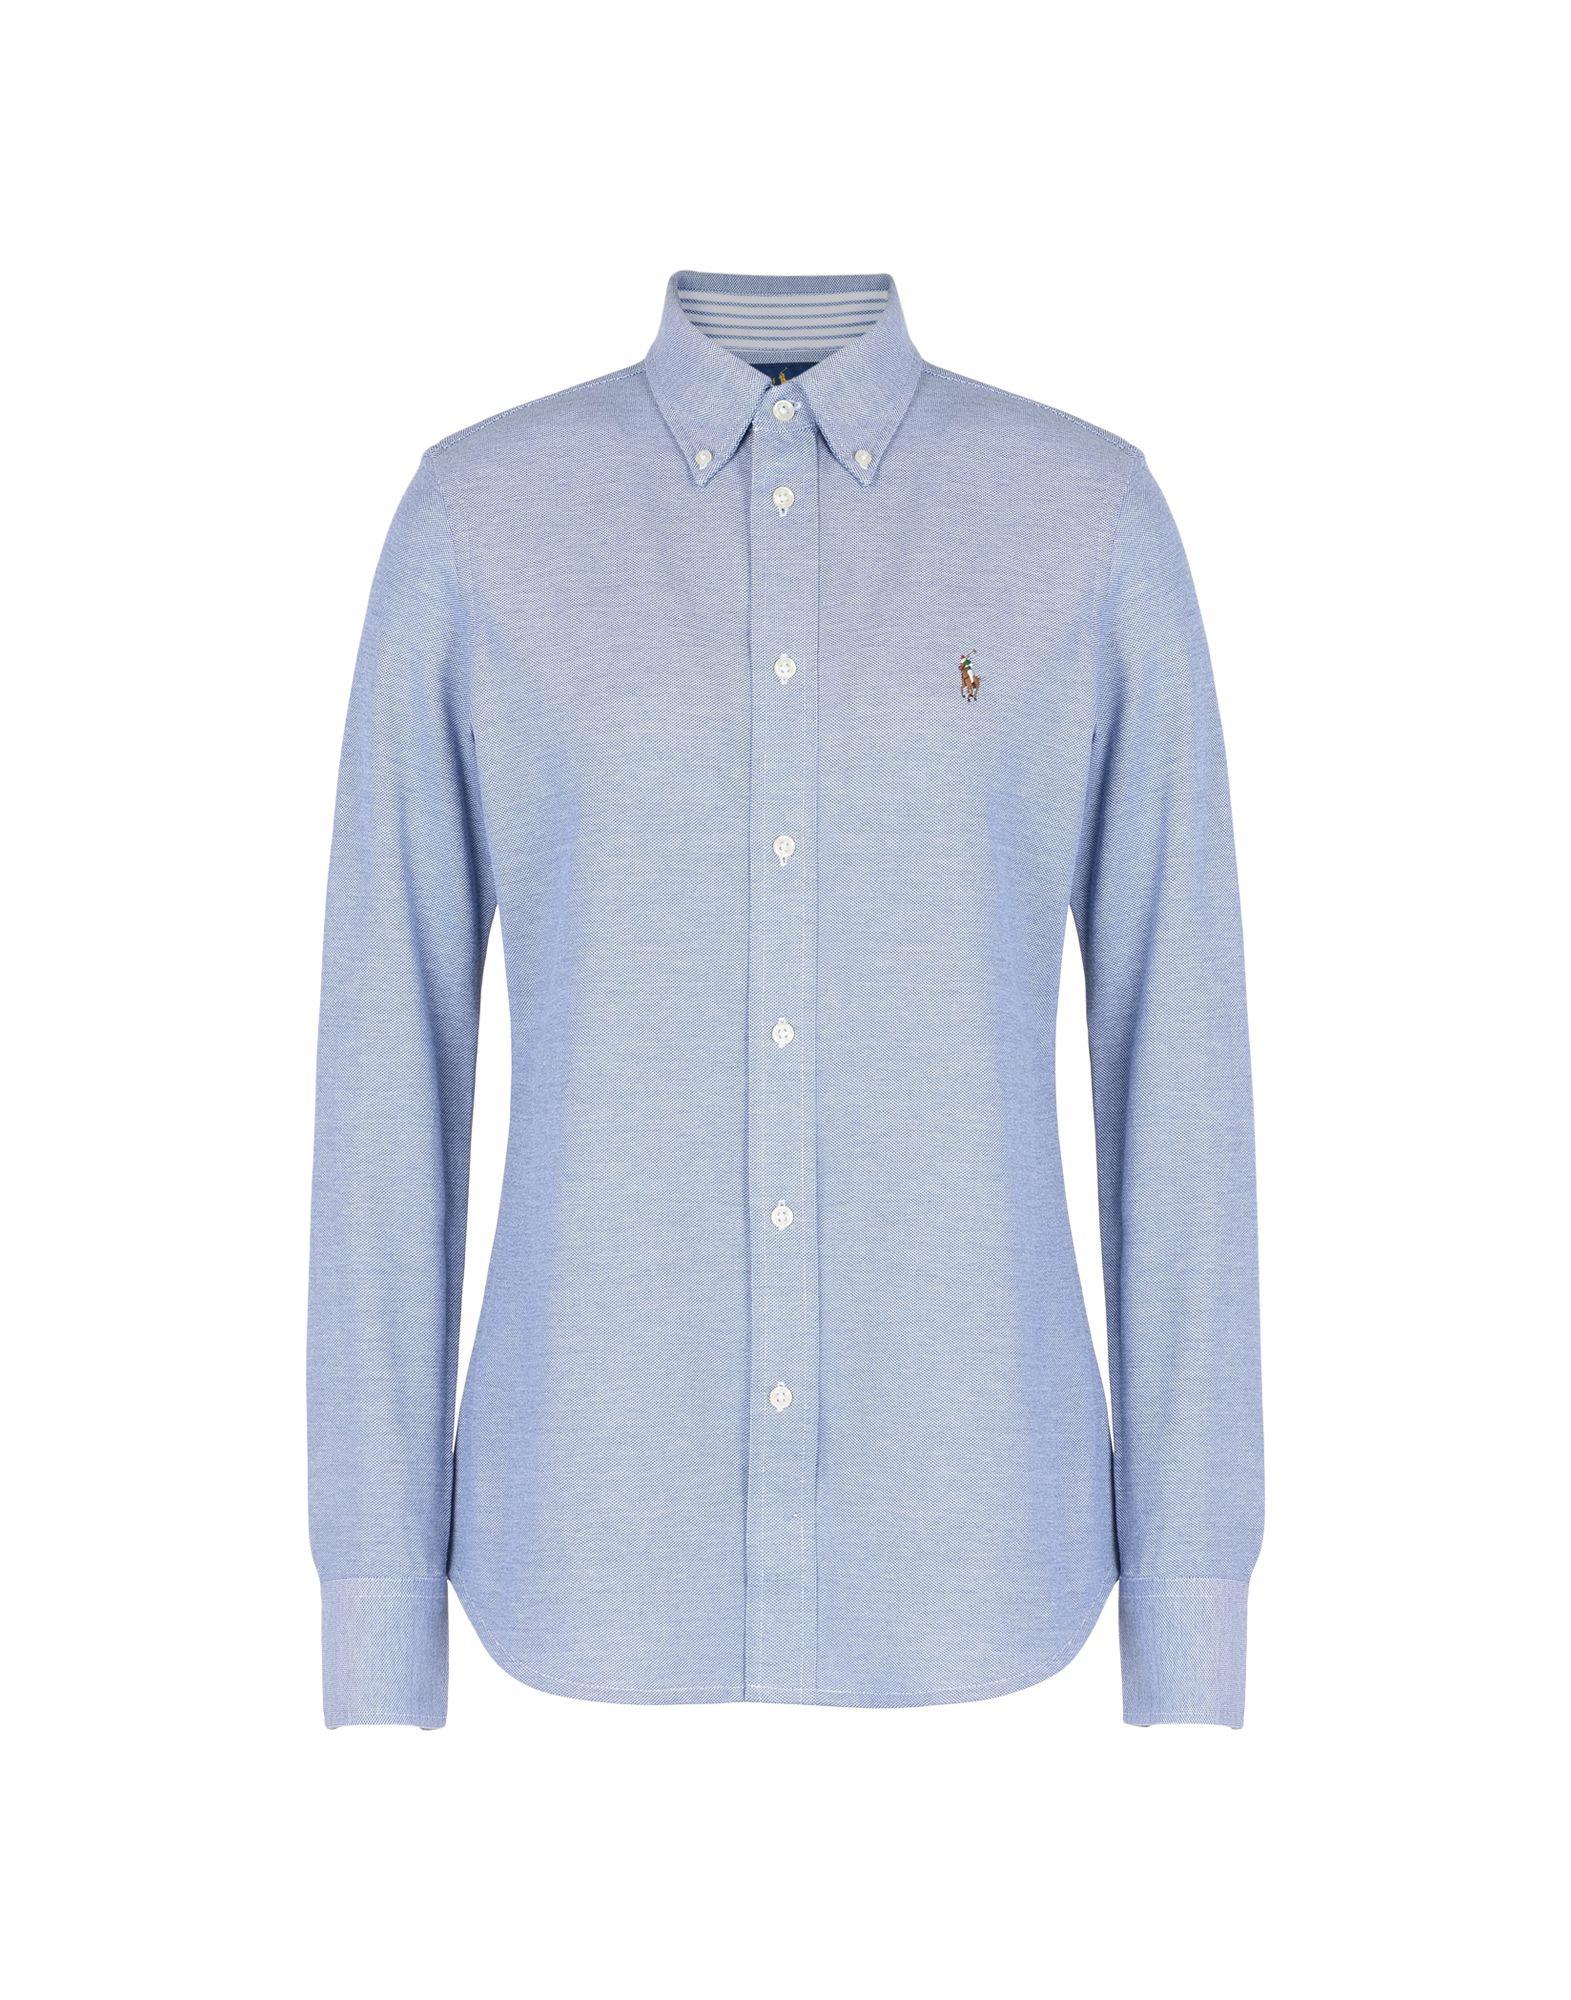 Camicie E bluse Tinta Unita Polo Ralph Ralph Lauren Slim Fit Knit Cotton Oxford Shirt - donna - 34725836CN  Hersteller direkte Versorgung